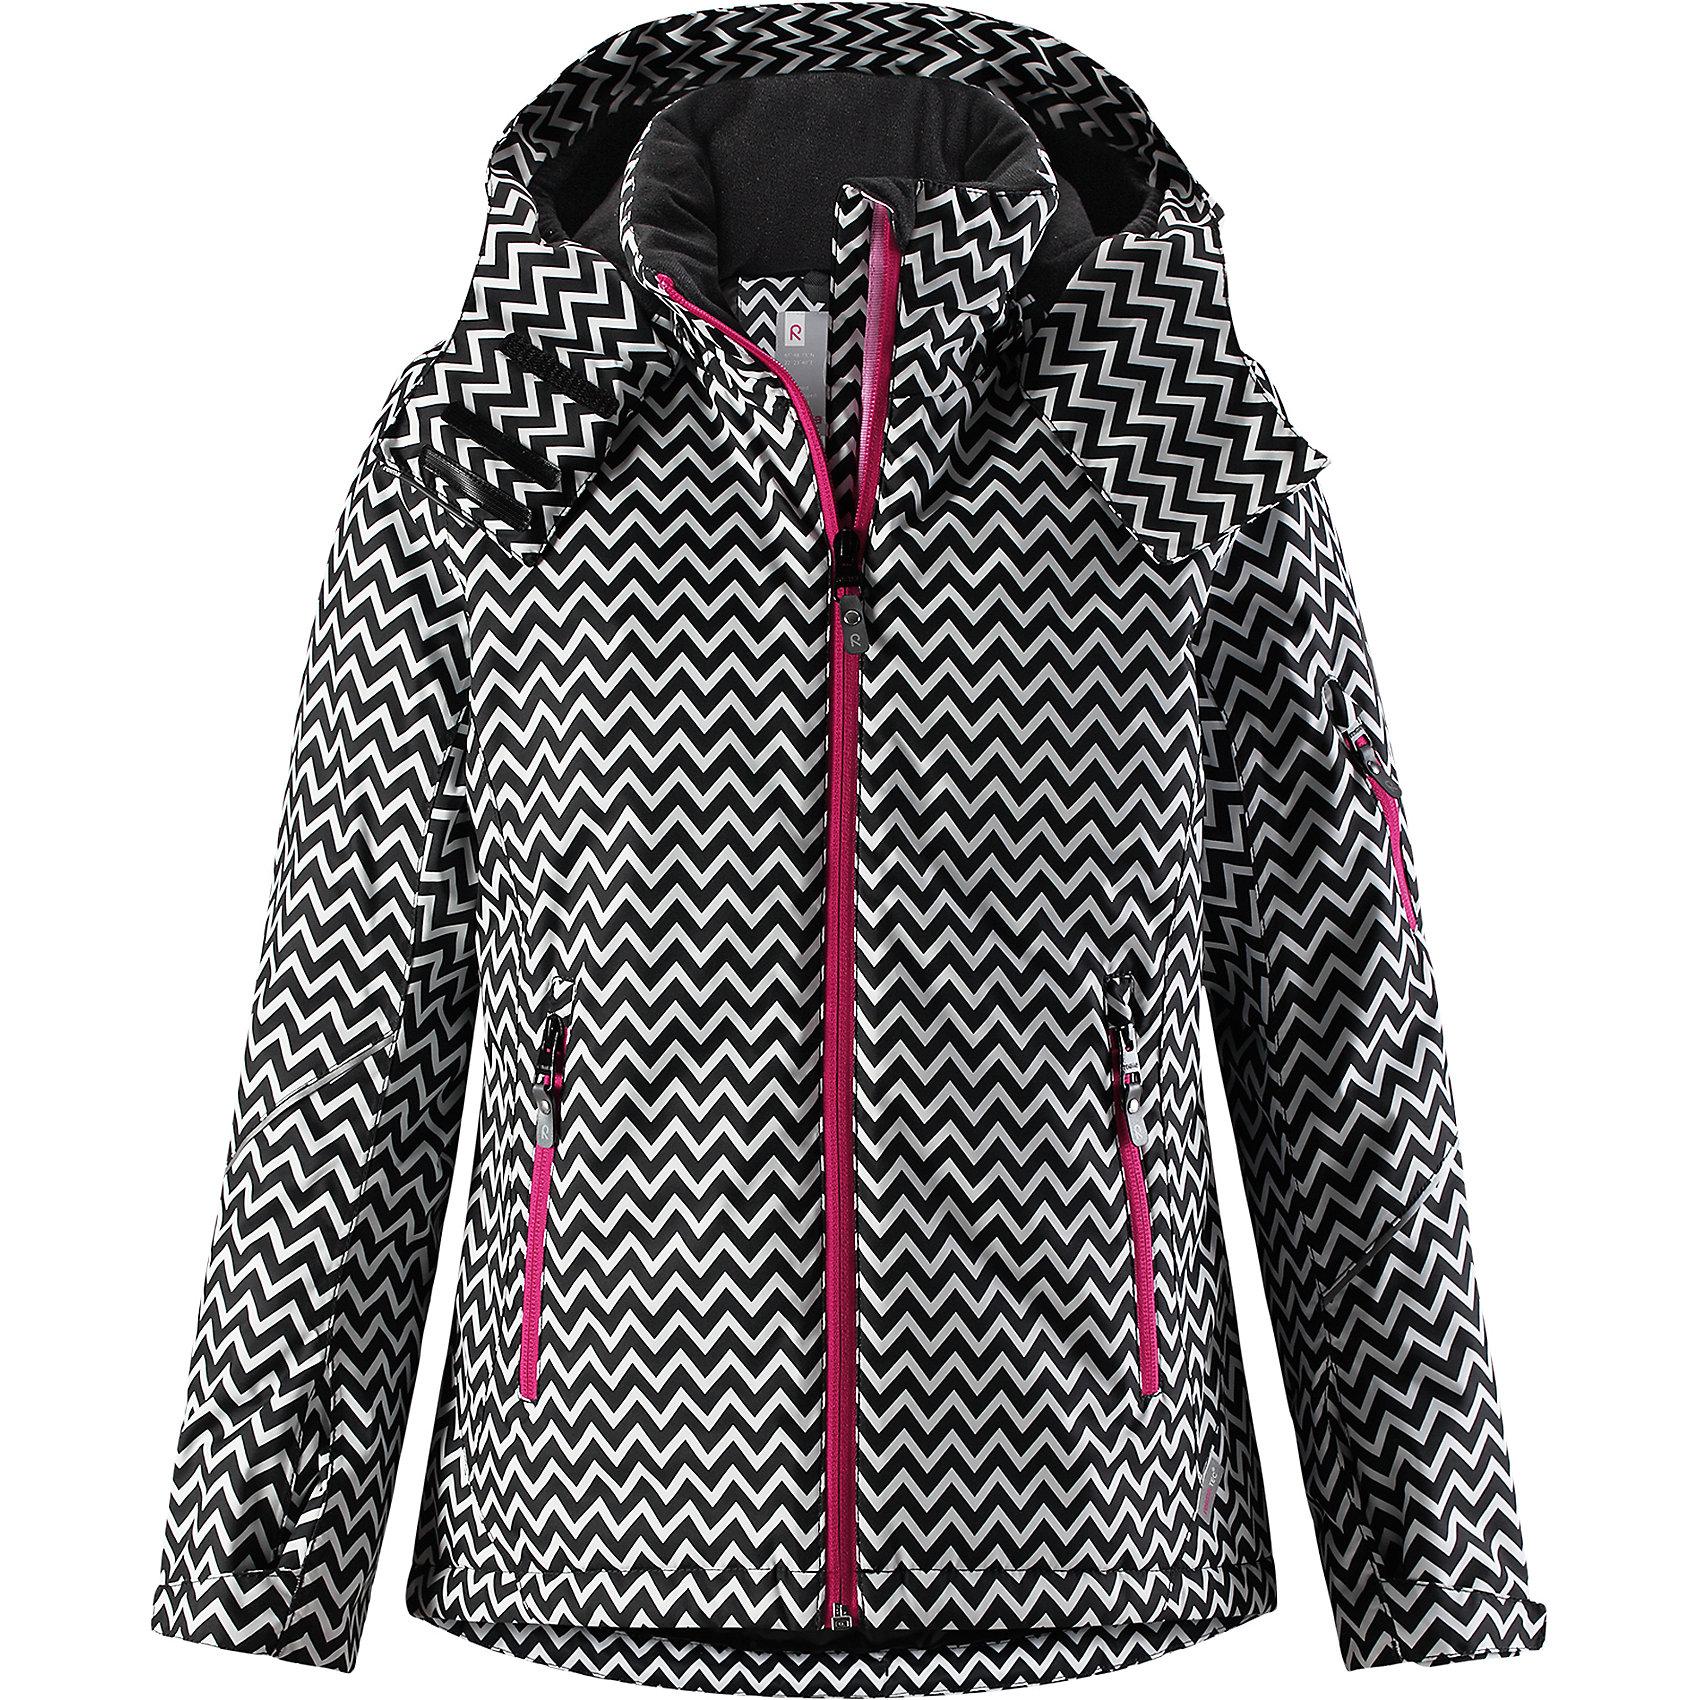 Куртка Reimatec® Reima Glow для девочкиВерхняя одежда<br>Характеристики товара:<br><br>• цвет: черный/белый;<br>• состав: 100% полиэстер;<br>• подкладка: 100% полиэстер;<br>• утеплитель: 140 г/м2;<br>• сезон: зима;<br>• температурный режим: от 0 до -20С;<br>• водонепроницаемость: 5000 мм;<br>• воздухопроницаемость: 7000 мм;<br>• износостойкость: 10000 циклов (тест Мартиндейла);<br>• водо- и ветронепроницаемый, дышащий и грязеотталкивающий материал;<br>• основные швы проклеены и водонепроницаемы;<br>• застежка: молния с защитой подбородка;<br>• гладкая подкладка из полиэстера;<br>• безопасный съемный и регулируемый капюшон;<br>• регулируемые манжеты и внутренние манжеты из лайкры;<br>• регулируемый подол, снегозащитный манжет на талии;<br>• карманы на молнии, карман для skipass на рукаве;<br>• карман для очков, внутренний нагрудный карман;<br>• светоотражающие детали;<br>• страна бренда: Финляндия;<br>• страна изготовитель: Китай.<br><br>Детская непромокаемая зимняя куртка Reimatec® изготовлена из водо и ветронепроницаемого, дышащего материала с высокими грязеотталкивающими характеристиками. Все основные швы в ней проклеены, водонепроницаемы. В этой модели для девочек подол легко регулируется, что позволяет подогнать куртку идеально по фигуре. <br><br>Съемный регулируемый капюшон защищает от пронизывающего ветра и безопасен во время катания на лыжах. Симпатичная гладкая подкладка и практичные ветроотражатели по краю капюшона обеспечивают дополнительную защиту от холодного ветра. <br><br>Эта куртка с множеством замечательных деталей просто создана для лыжных склонов: снежная юбка на талии, карман для лыжной карты на рукаве, два кармана на молнии, внутренний нагрудный карман и специальный карман для лыжных очков. От повседневного комфорта до экстремальных условий.<br><br>Куртку Glow для девочки Reimatec® Reima от финского бренда Reima (Рейма) можно купить в нашем интернет-магазине.<br><br>Ширина мм: 356<br>Глубина мм: 10<br>Высота мм: 245<br>Вес г: 519<br>Цвет: черный<